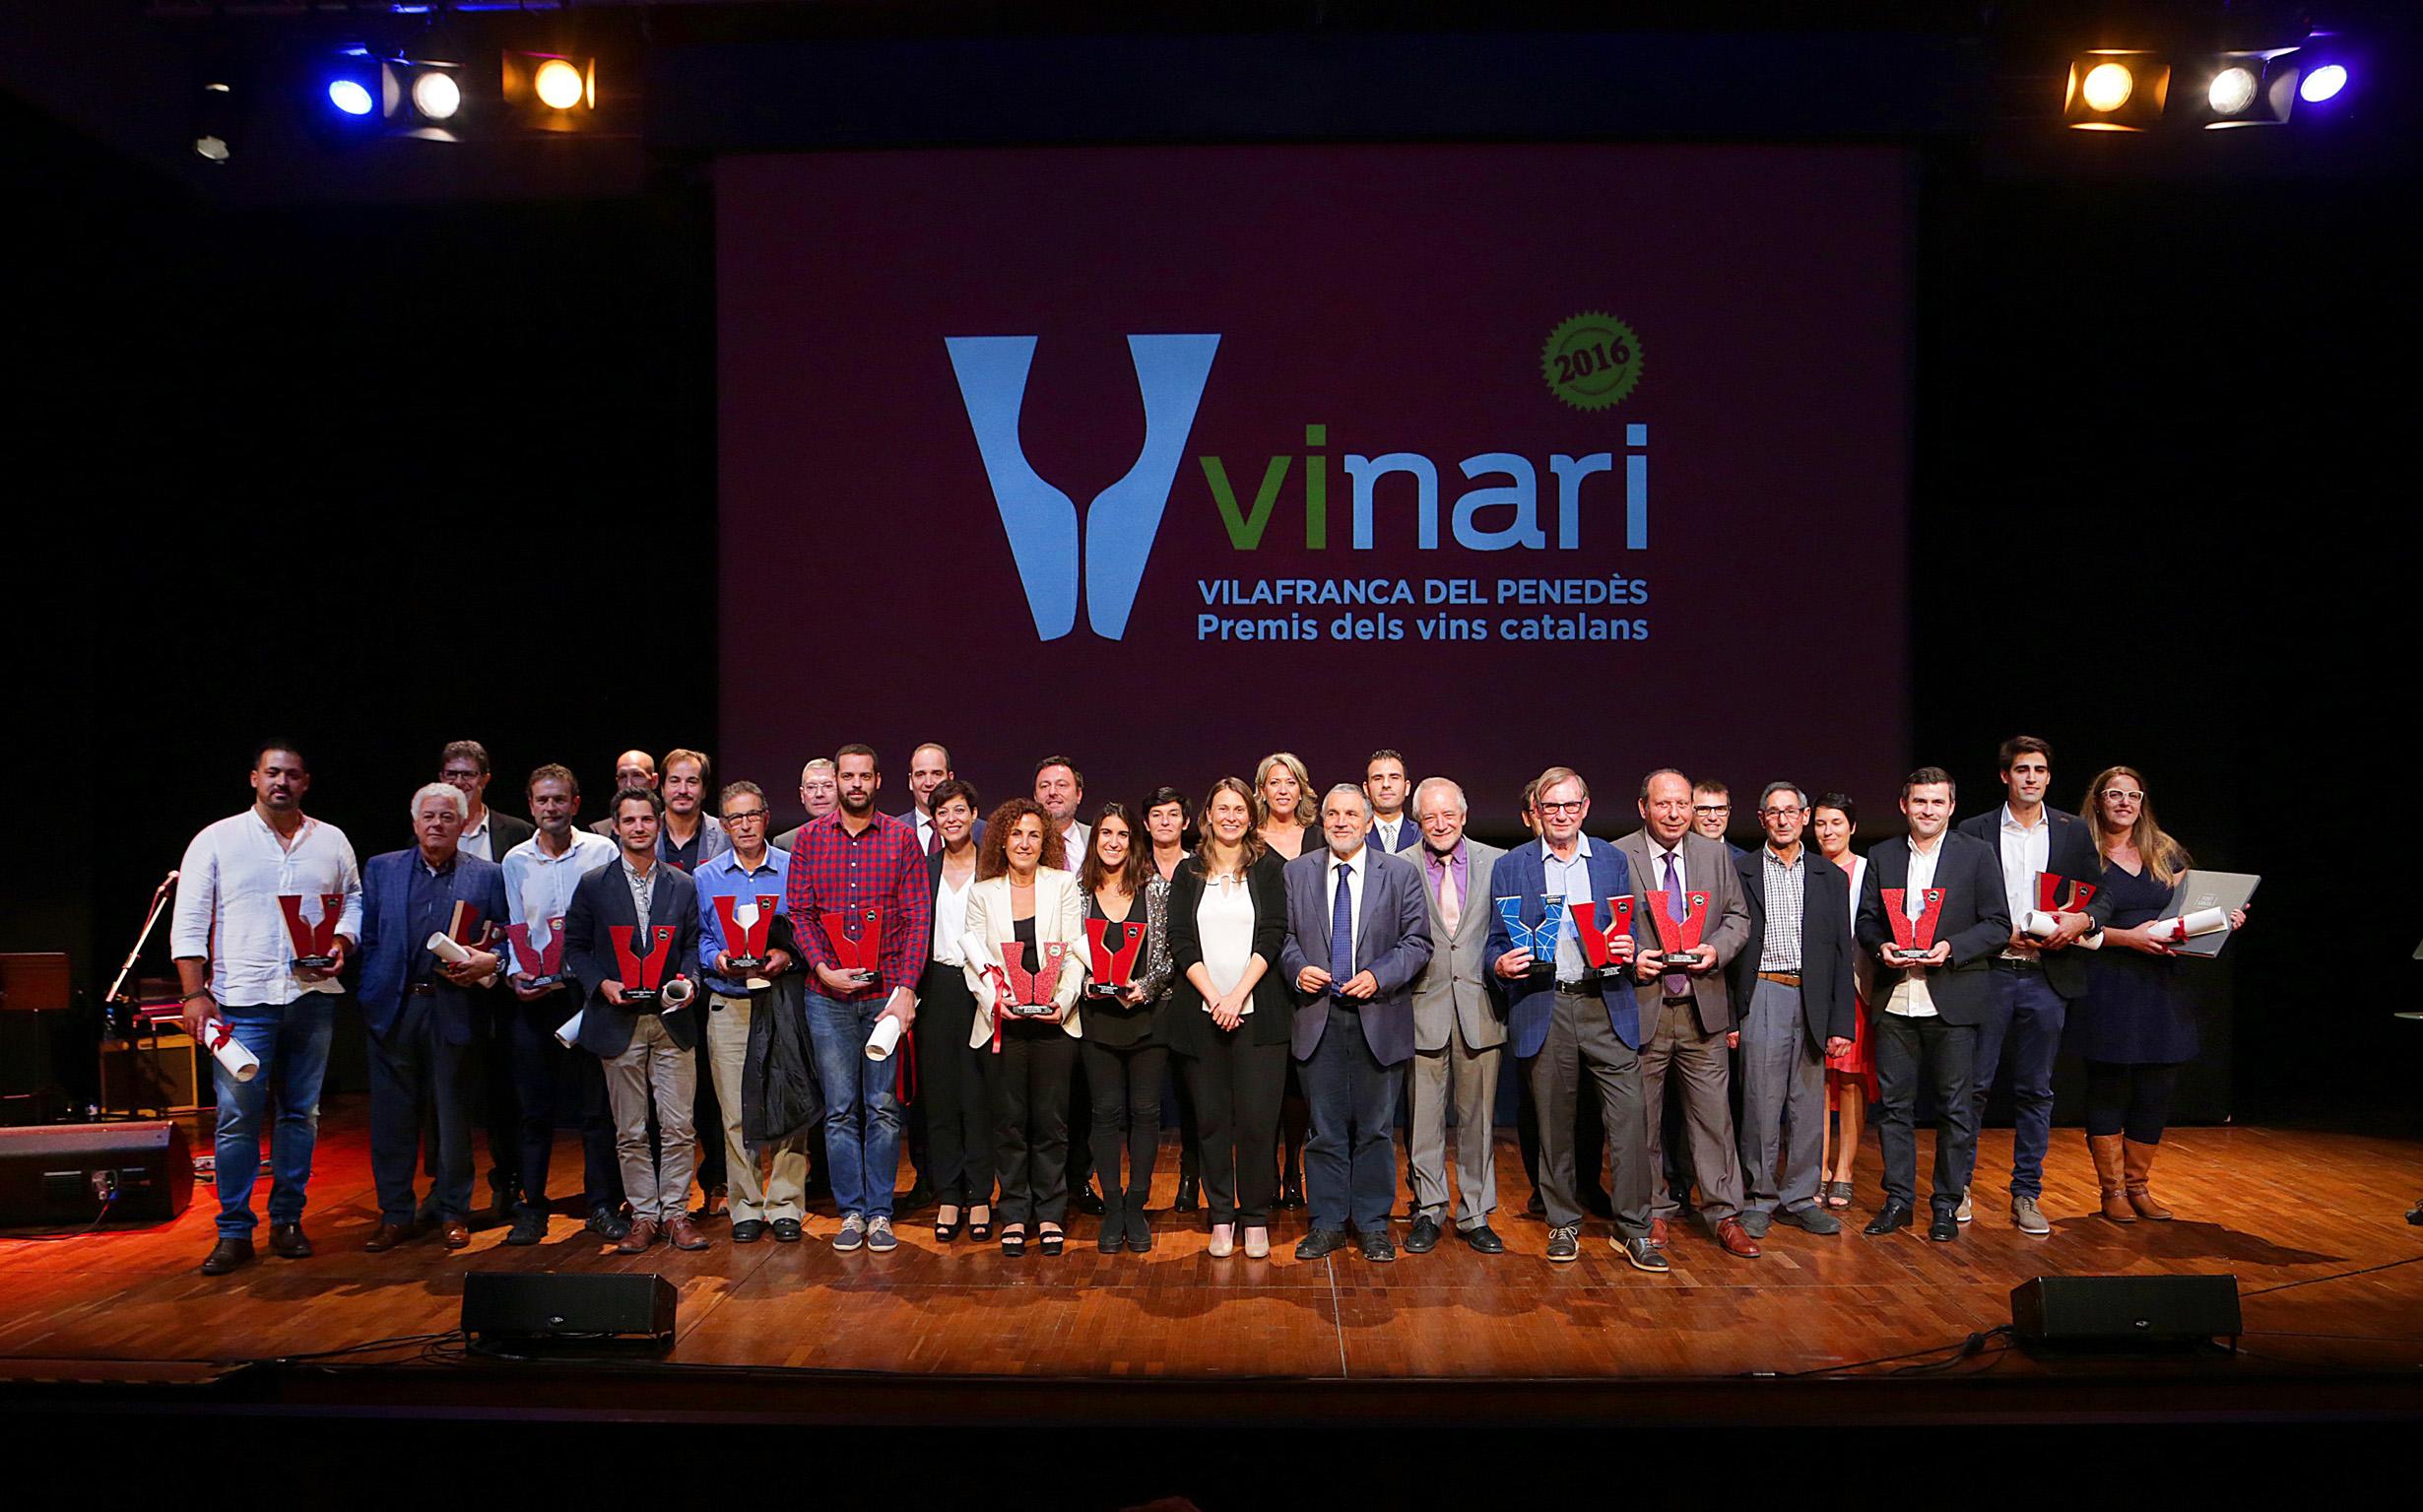 7 vinos de Montsant y Josep Maria Cots distinguidos en los Vinari